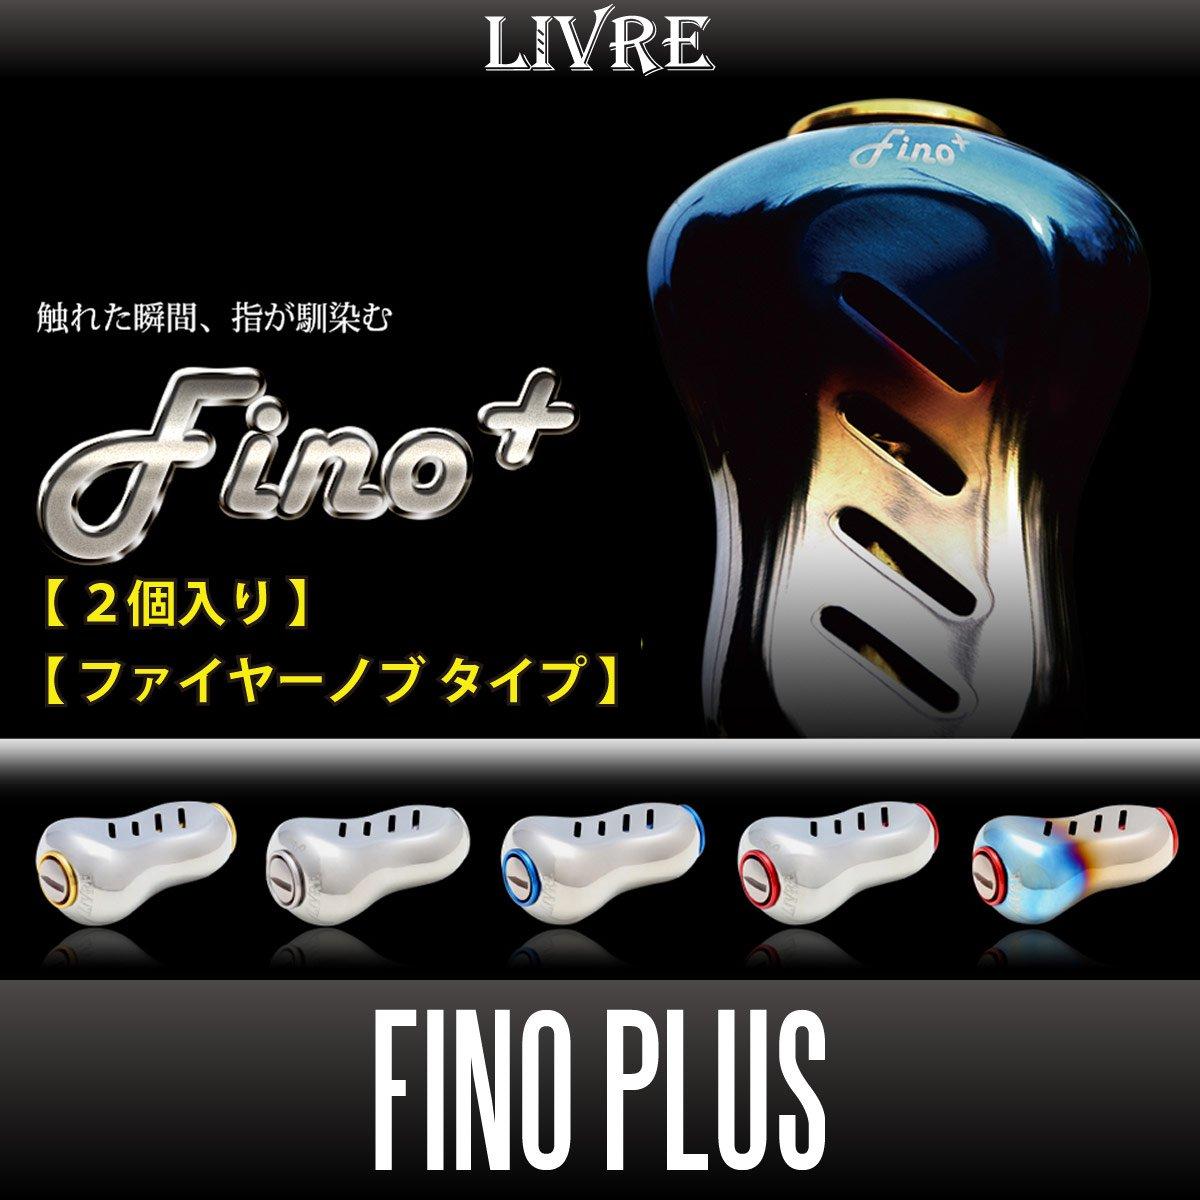 【リブレ/LIVRE】 Fino+(フィーノプラス) チタニウム ハンドルノブ 【イージーカスタム特注品:2個入り】   B01JRUE0S6